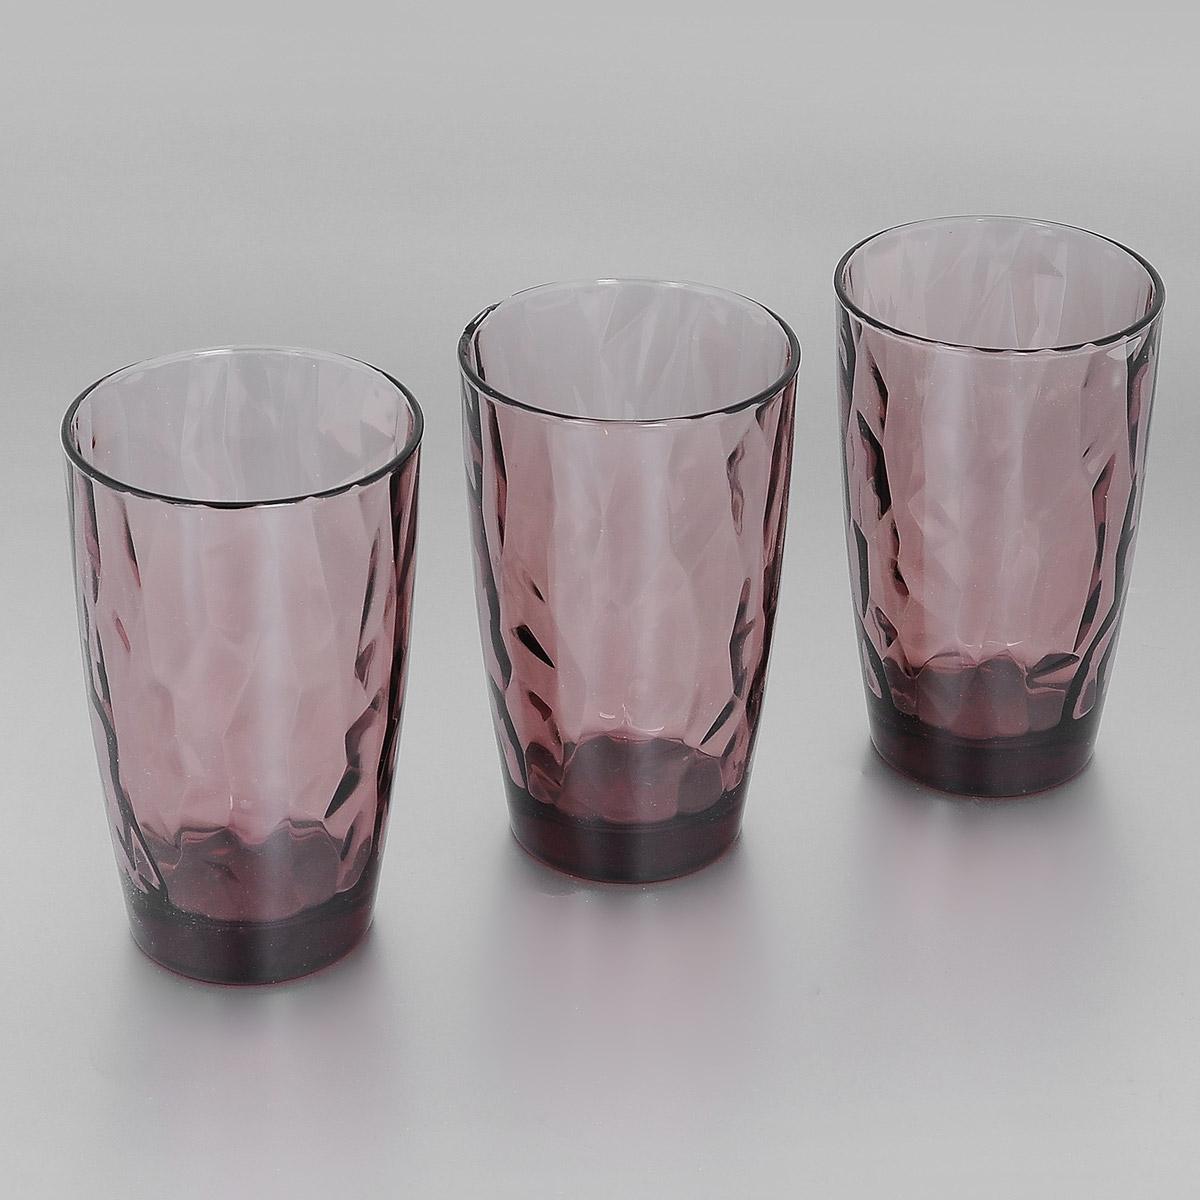 Набор стаканов Bormioli Rocco Diamond Rock Purple, 470 мл, 3 штAC2-01Набор Bormioli Rocco Diamond Rock Purple, выполненный из стекла, состоит из 3 высоких стаканов. Стаканы предназначены для подачи холодных напитков. С внутренней стороны поверхность стаканов рельефная, что создает эффект игры света и преломления. Благодаря такому набору пить напитки будет еще вкуснее.Стаканы Bormioli Rocco Diamond Rock Purple станут идеальным украшением праздничного стола и отличным подарком к любому празднику. С 1825 года компания Bormioli Rocco производит высококачественную посуду из стекла. На сегодняшний день это мировой лидер на рынке производства стеклянных изделий. Ассортимент, предлагаемый Bormioli Rocco необычайно широк - это бокалы, фужеры, рюмки, графины, кувшины, банки для сыпучих продуктов и консервирования, тарелки, салатники, чашки, контейнеры различных емкостей, предназначенные для хранения продуктов в холодильниках и морозильных камерах и т.д. Стекло сочетает в себе передовые технологии и традиционно высокое качество.